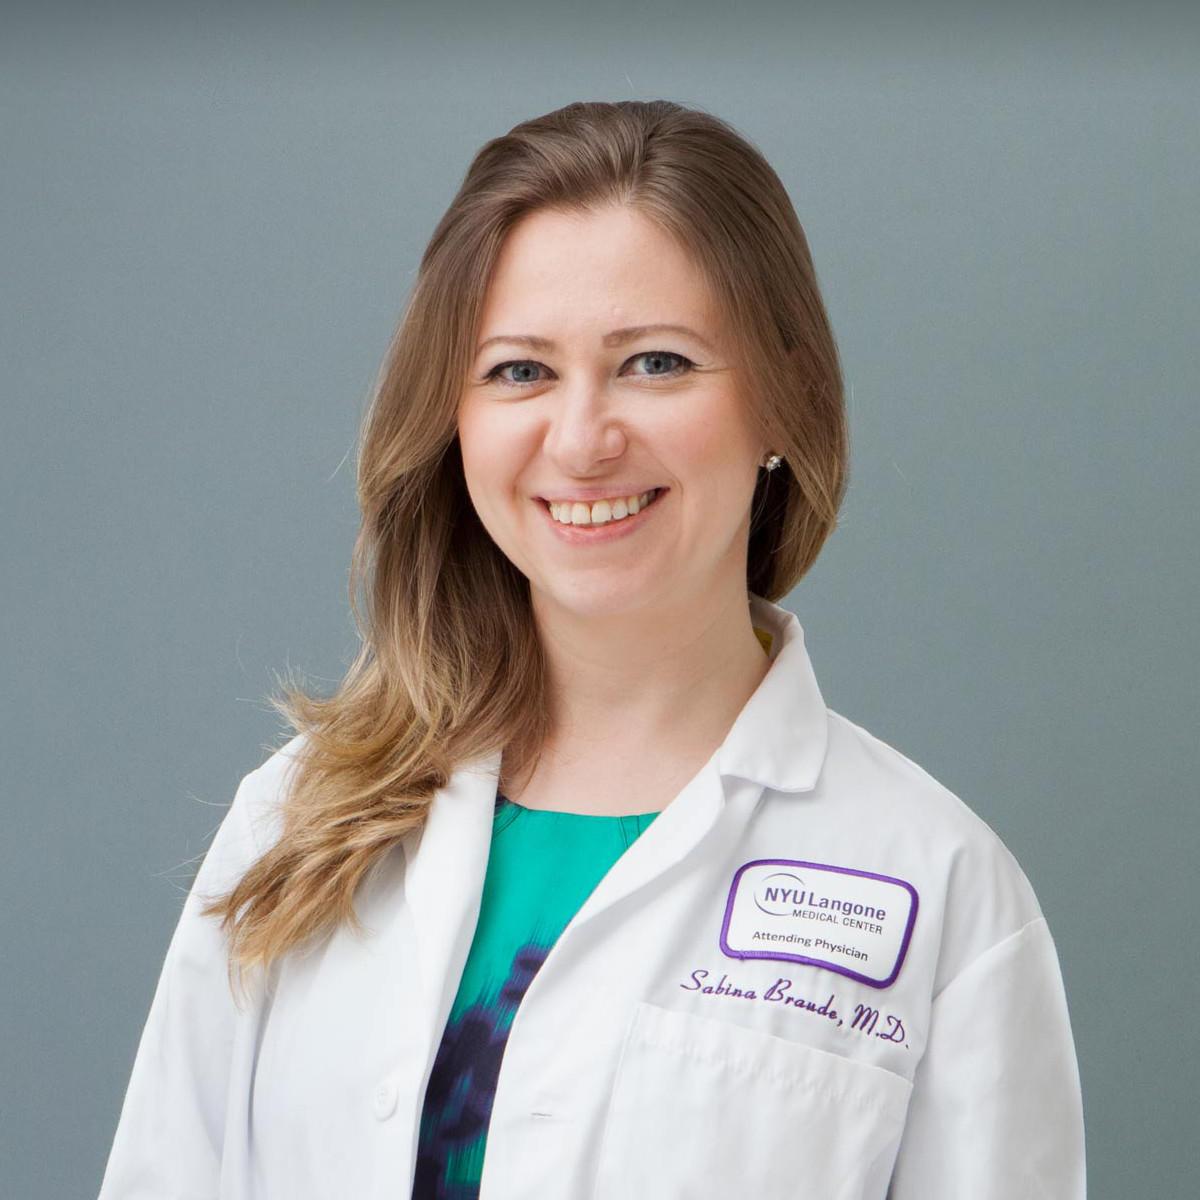 Sabina Braude, MD